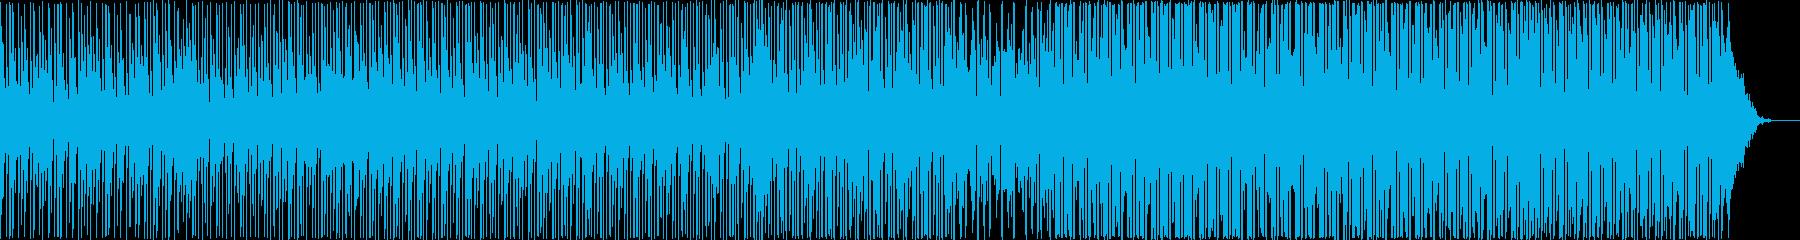 スローテンポの和風ヒップホップの再生済みの波形